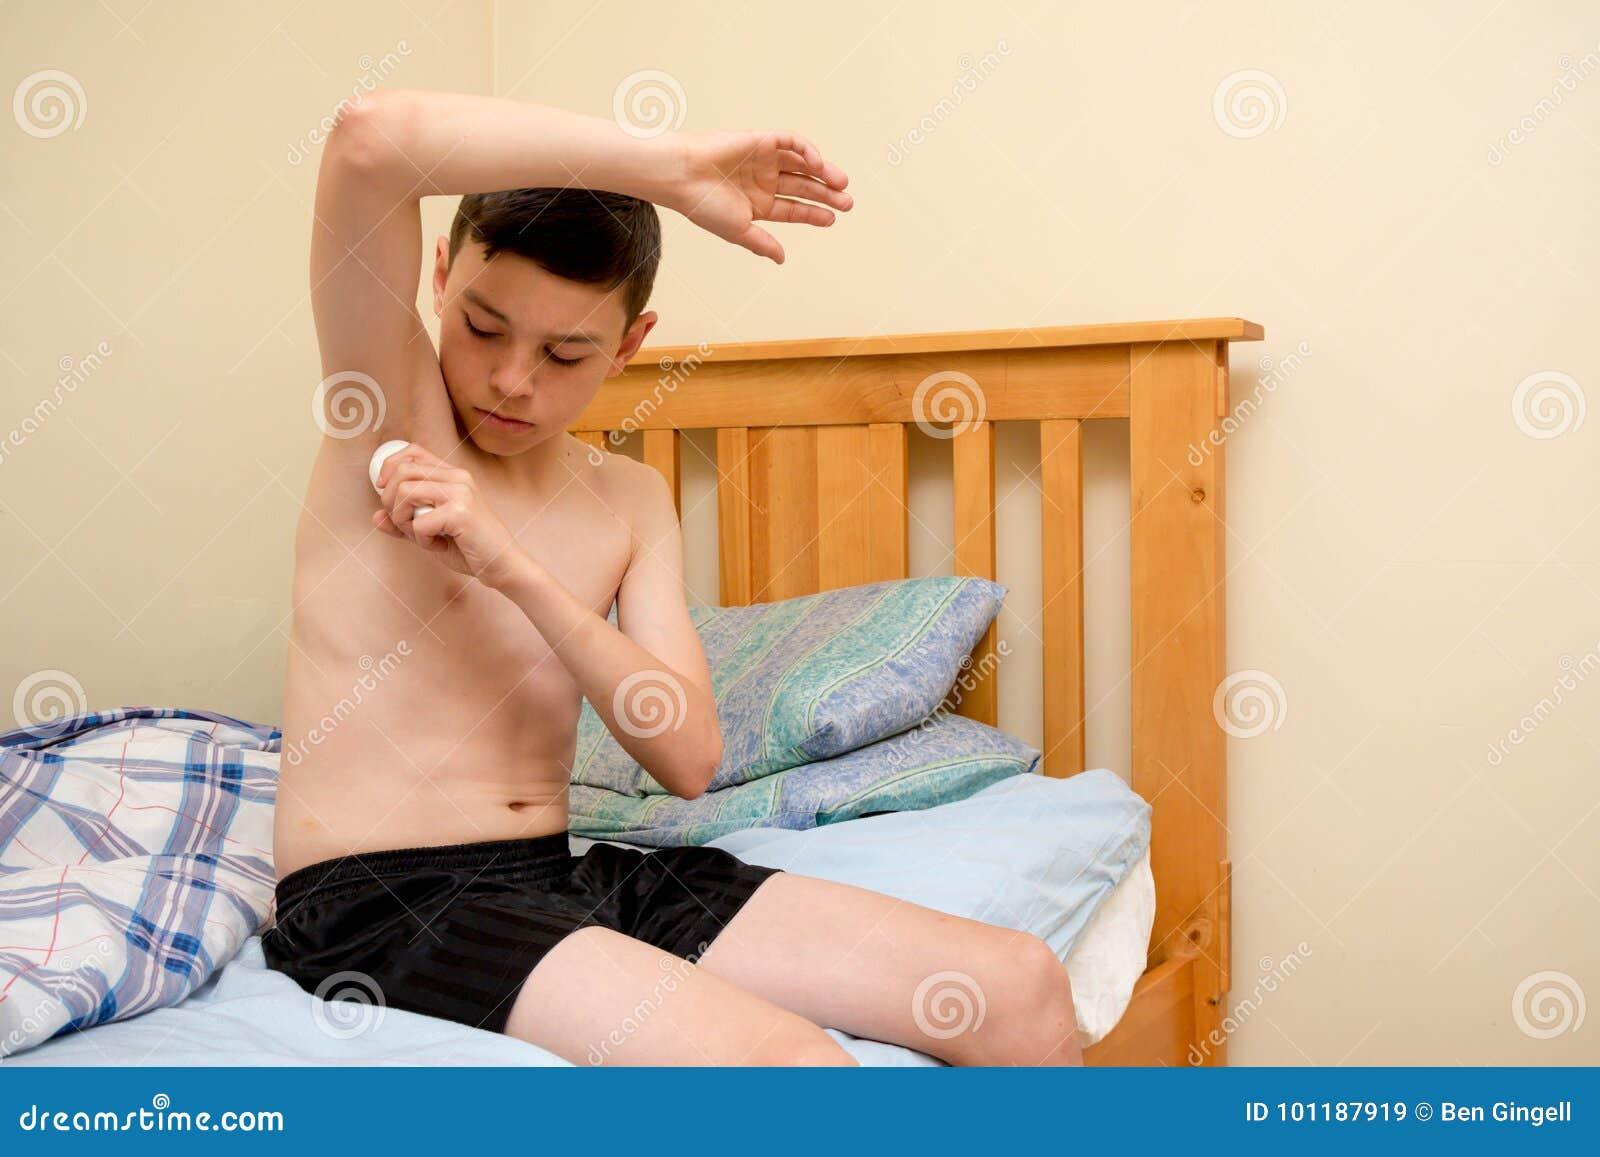 Młody caucasian nastoletni chłopak używa antiperspirant